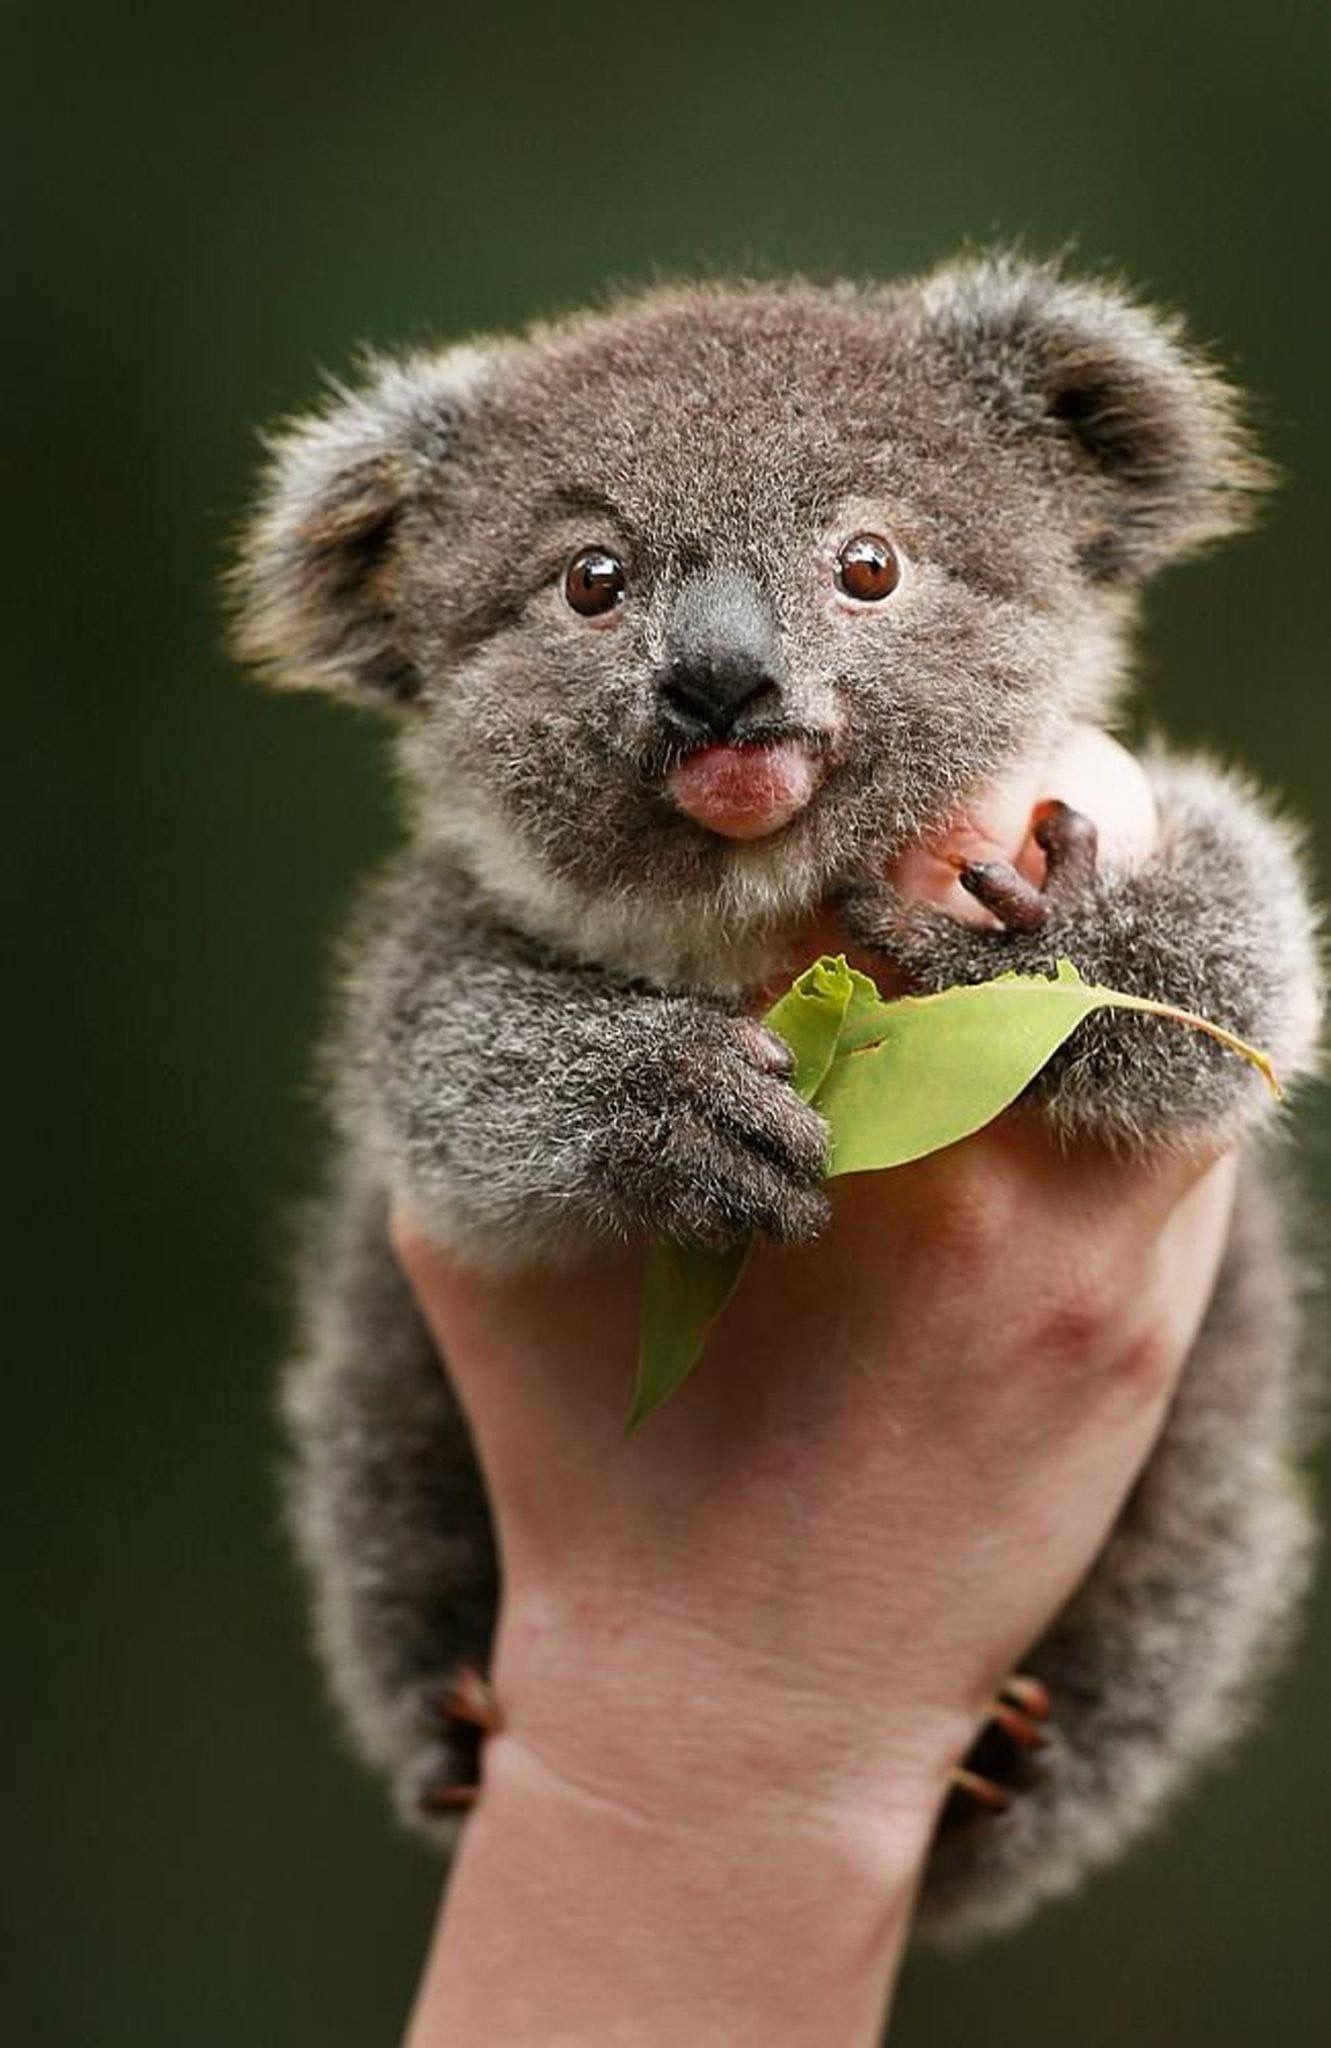 Baby Koala. Baby animals funny, Cute animals, Cute baby